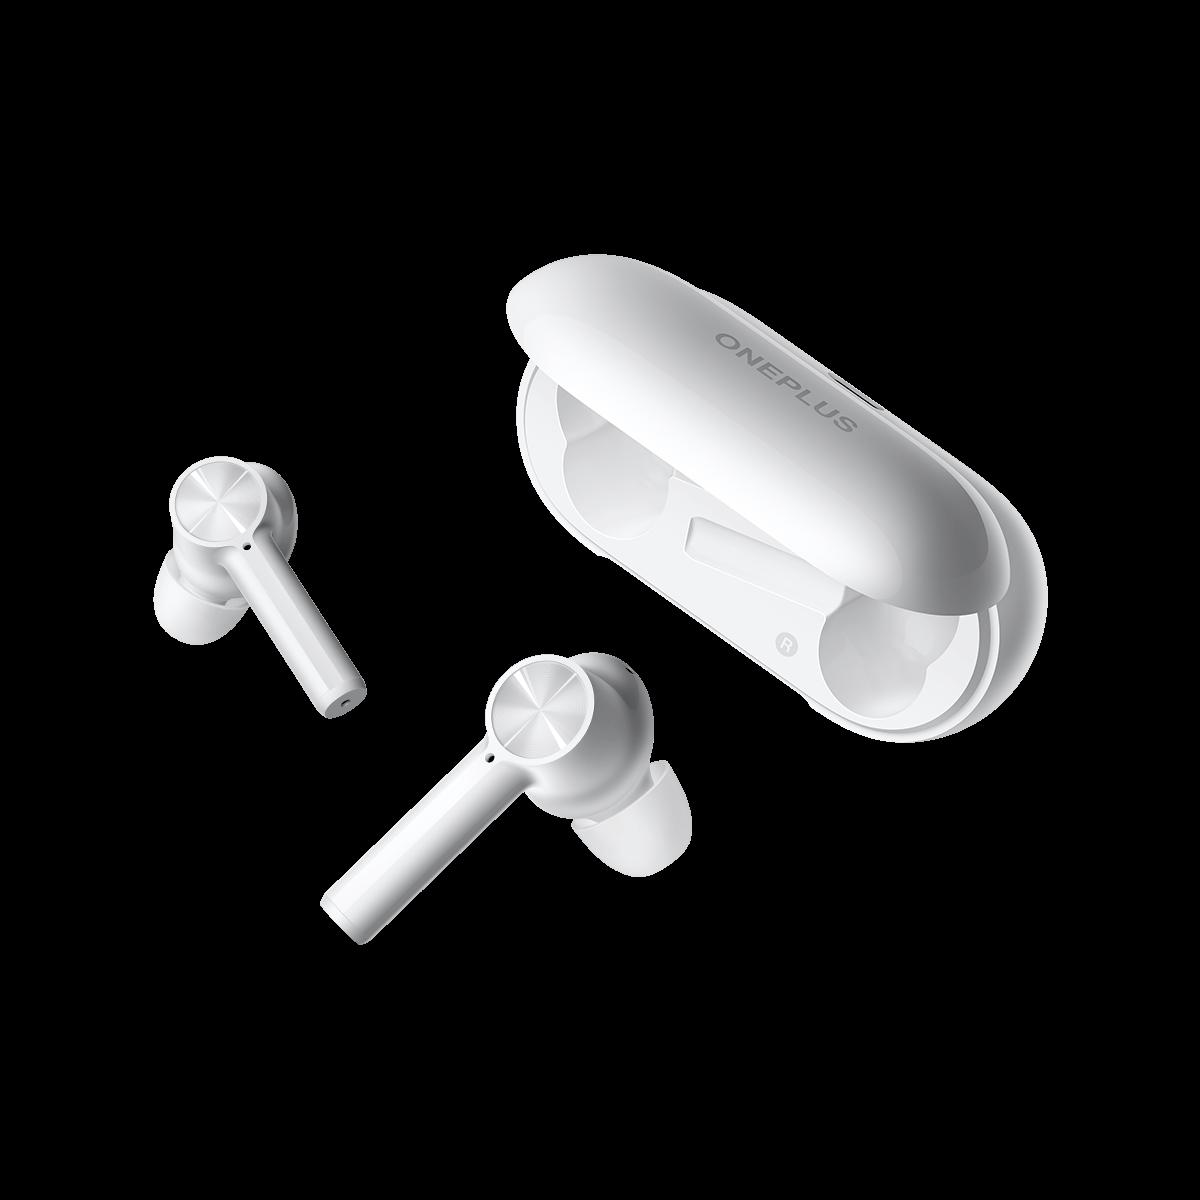 Бездротові навушники OnePlus нирки золото Z white Bluetooth навушники з блютузом